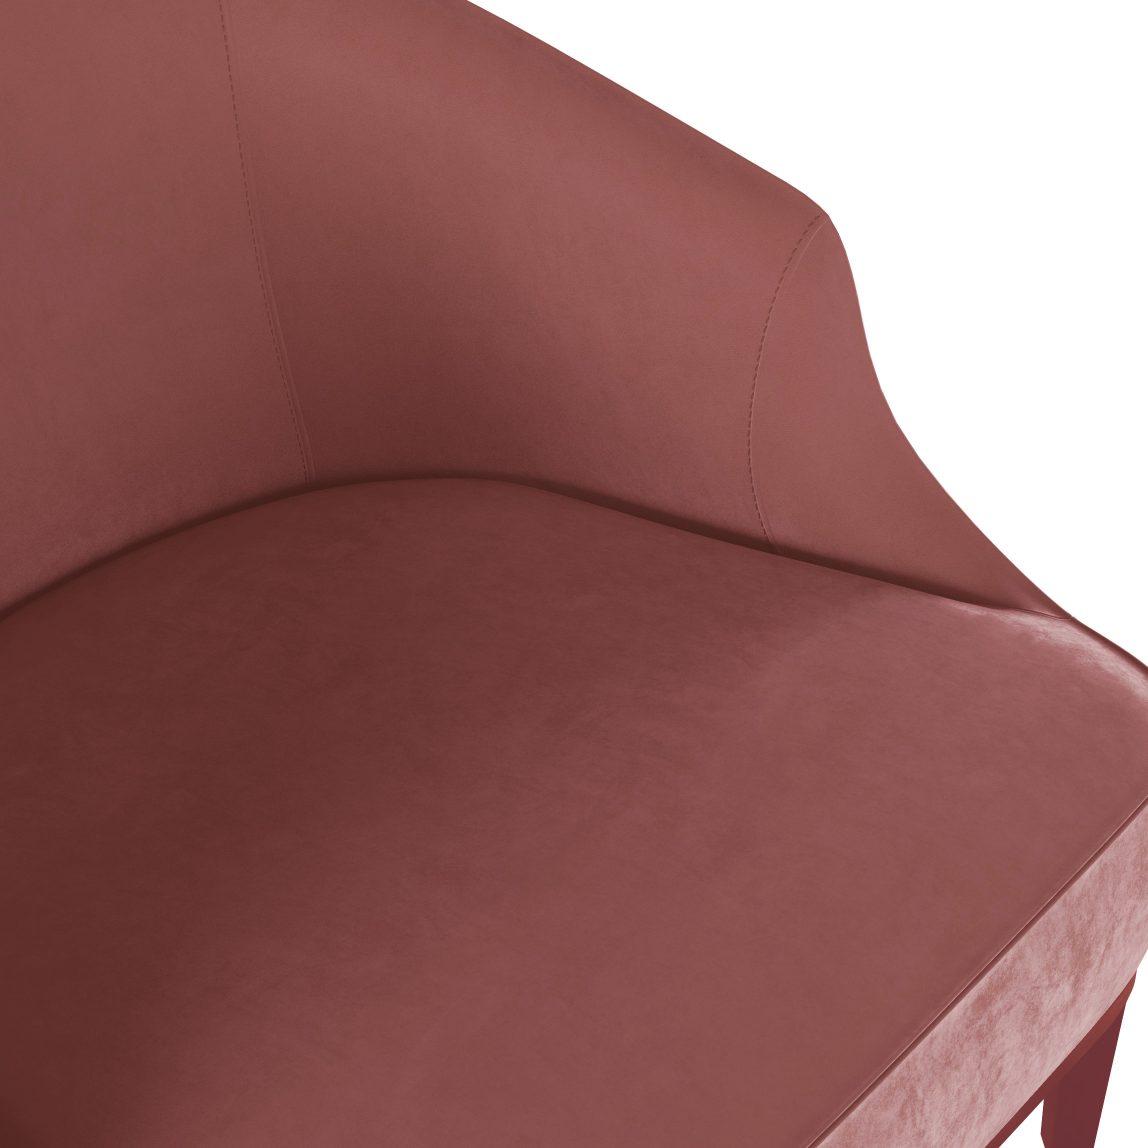 Красивая дорогая акцентная мягкая мебель для ювелирного магазина бутика, элегантное розовое красное бархатное кресло, дизайнерское кресло из бархата, мебель розового светло-розового красного цвета, кресло из бархата, итальянский дизайн, мебель в стиле ардеко, арт деко, реплика (копия), реплика фабрики Лонги Лонгхи, купить удобное кресло, кресло для гостиной, будуарное кресло, кресло для гардеробной комнаты, кресло для спальни, кресло для детской комнаты, кресло для прихожей, бархатное кресло, Стефан, мягкая мебель российского производства, кресло в современном стиле, кресло в стиле модерн, кресло с цветными ножками редкое, вычурное, люкс, лакшери, на заказ